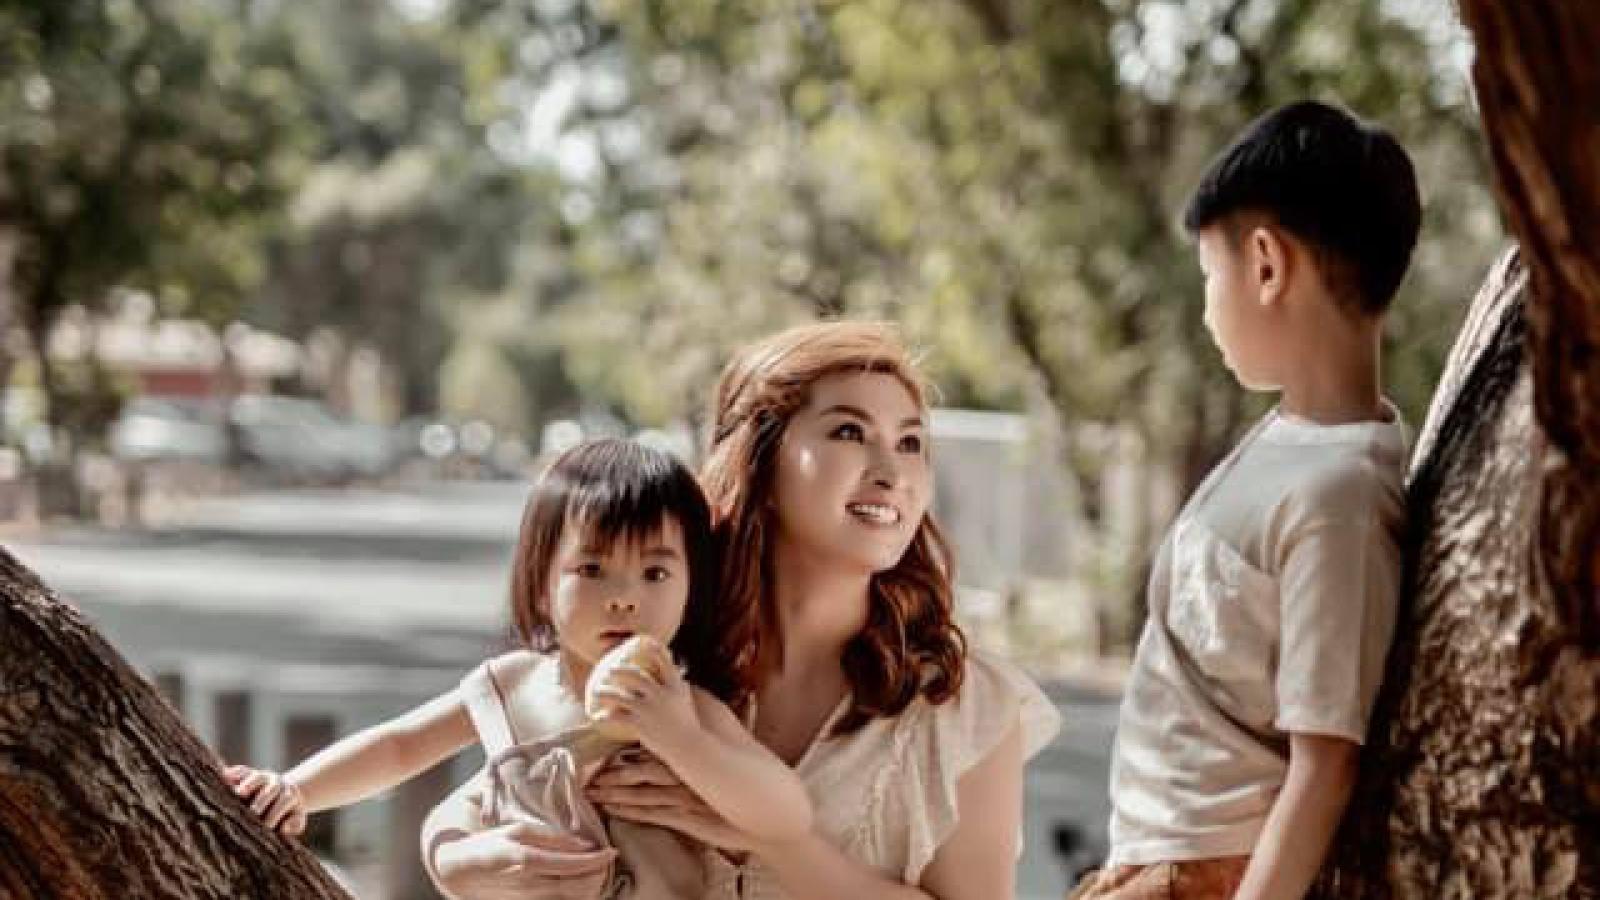 Chuyện showbiz: Nguyễn Hồng Nhung không muốn cưới; Cường Đôla chiều con gái